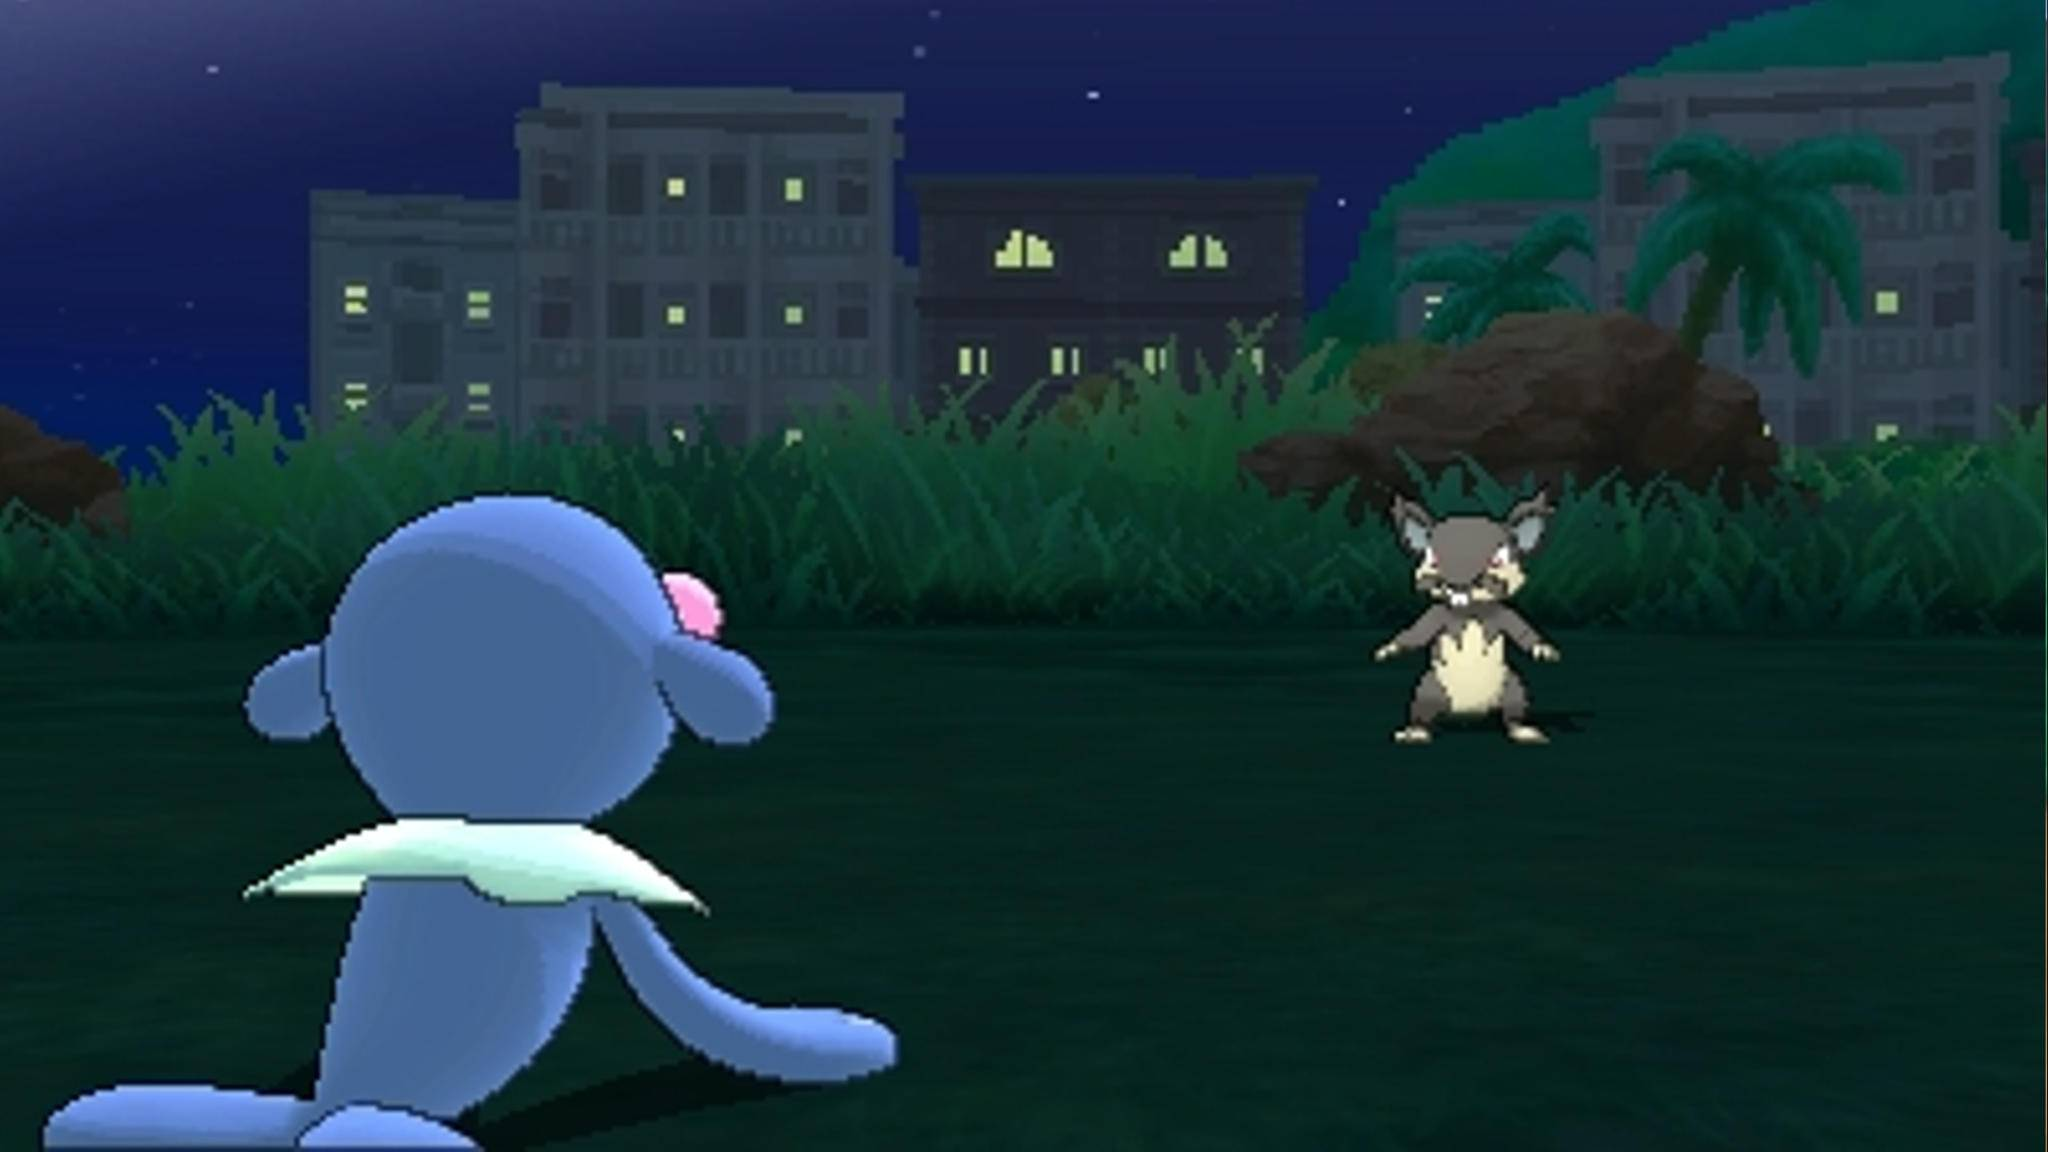 """Einen nächtlichen Sternenhimmel kannst Du auch in """"Pokémon Sonne und Mond"""" begutachten. Vielleicht kommt mit """"Stars"""" aber bald auch eine weitere Himmelskörper-Edition der beliebten RPG-Reihe heraus."""